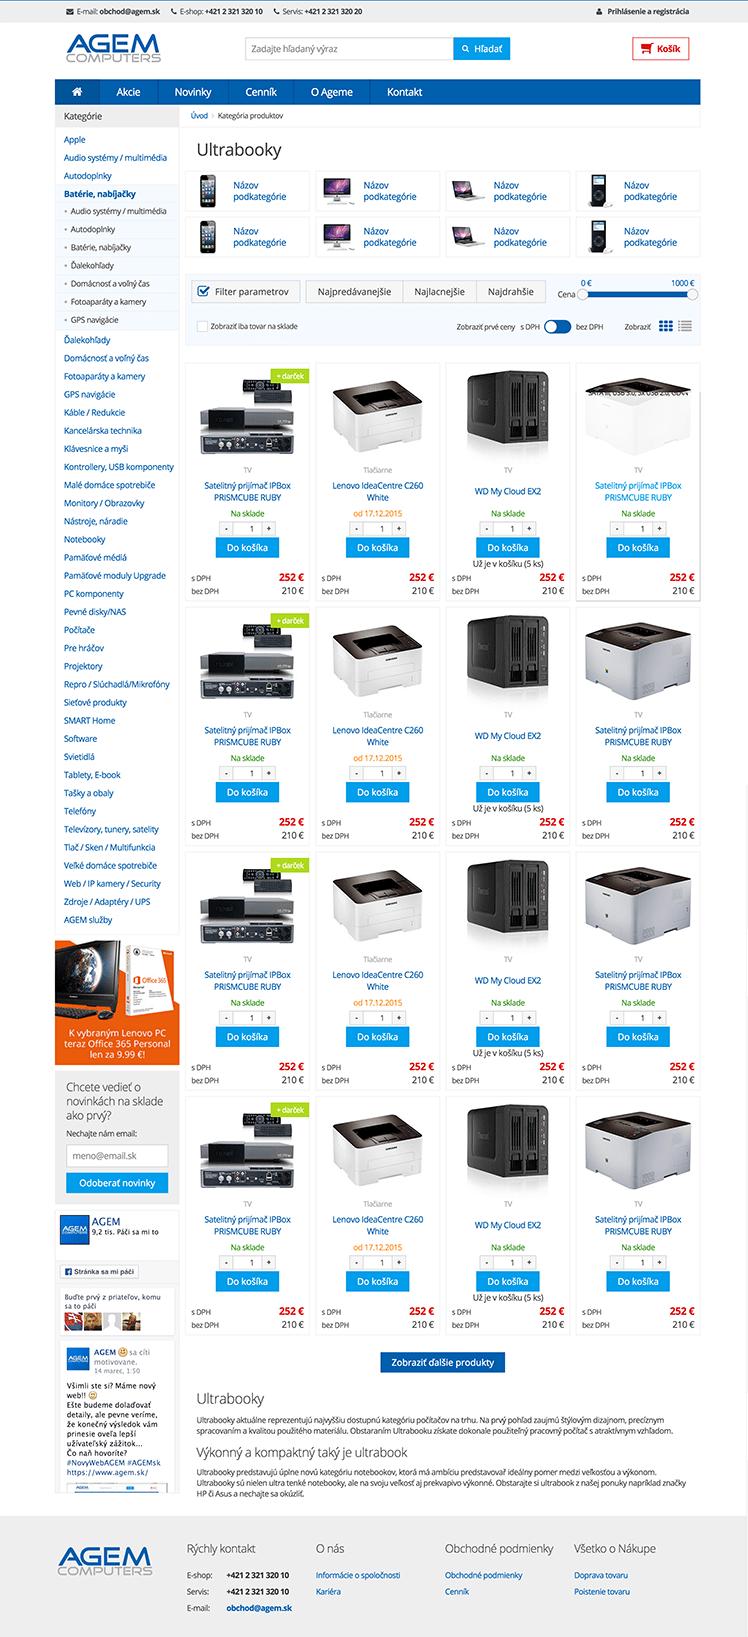 AGEM Computers ESHOP4